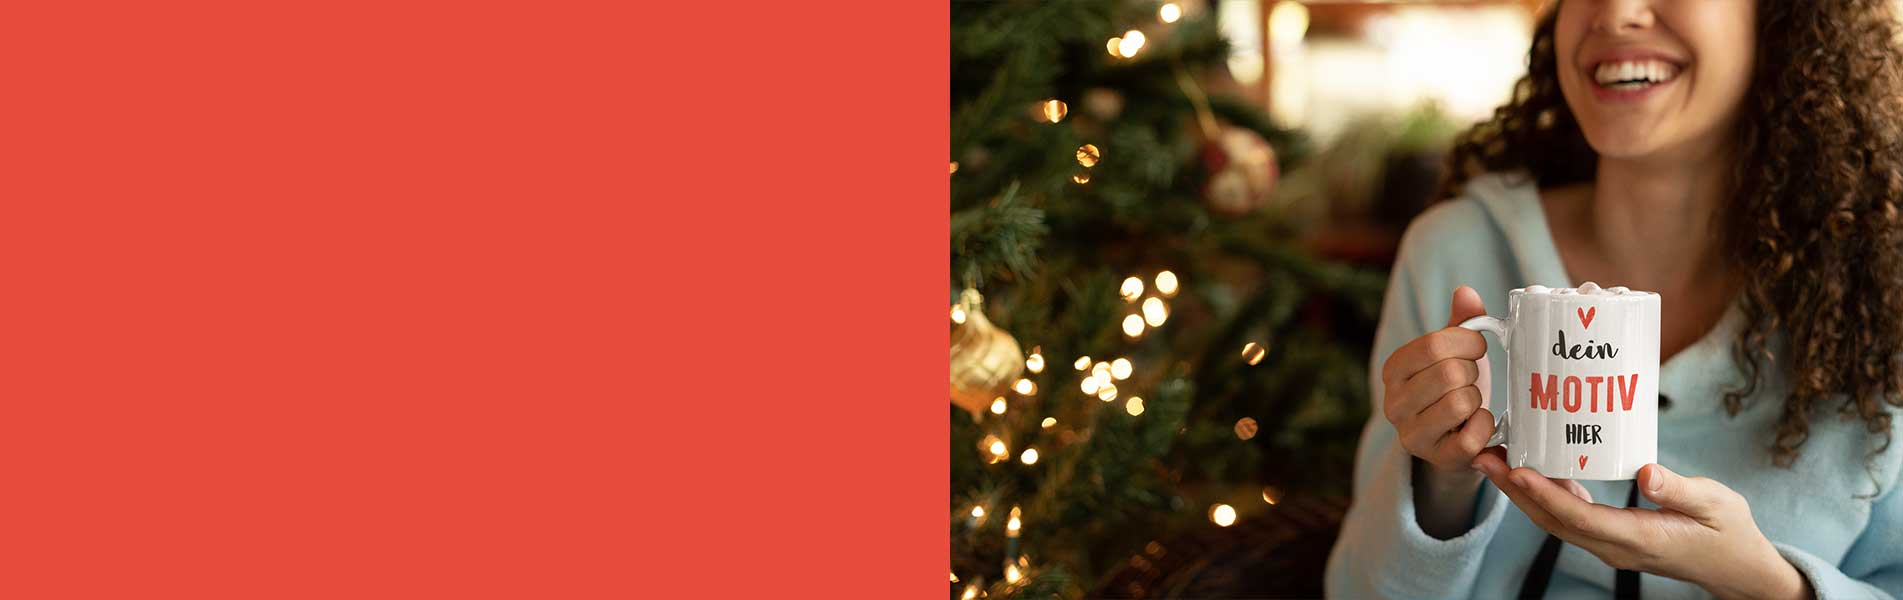 Tassen selber gestalten als Weihnachtsgeschenk